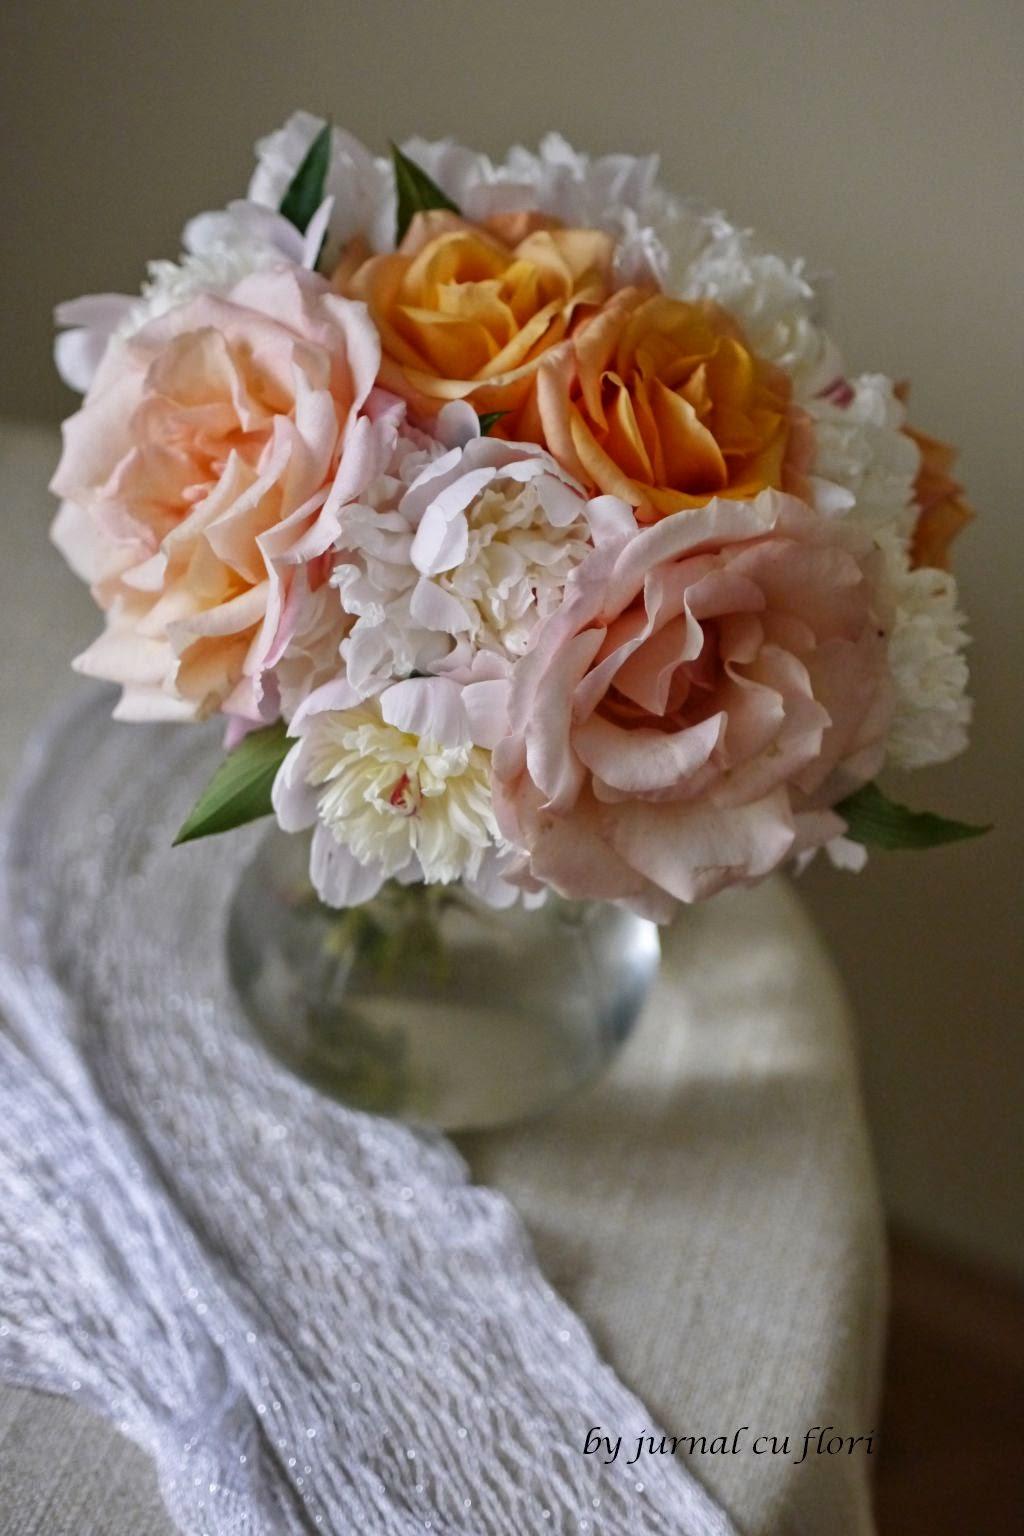 buchet de mai cu  trandafir si bujor alb de gradina